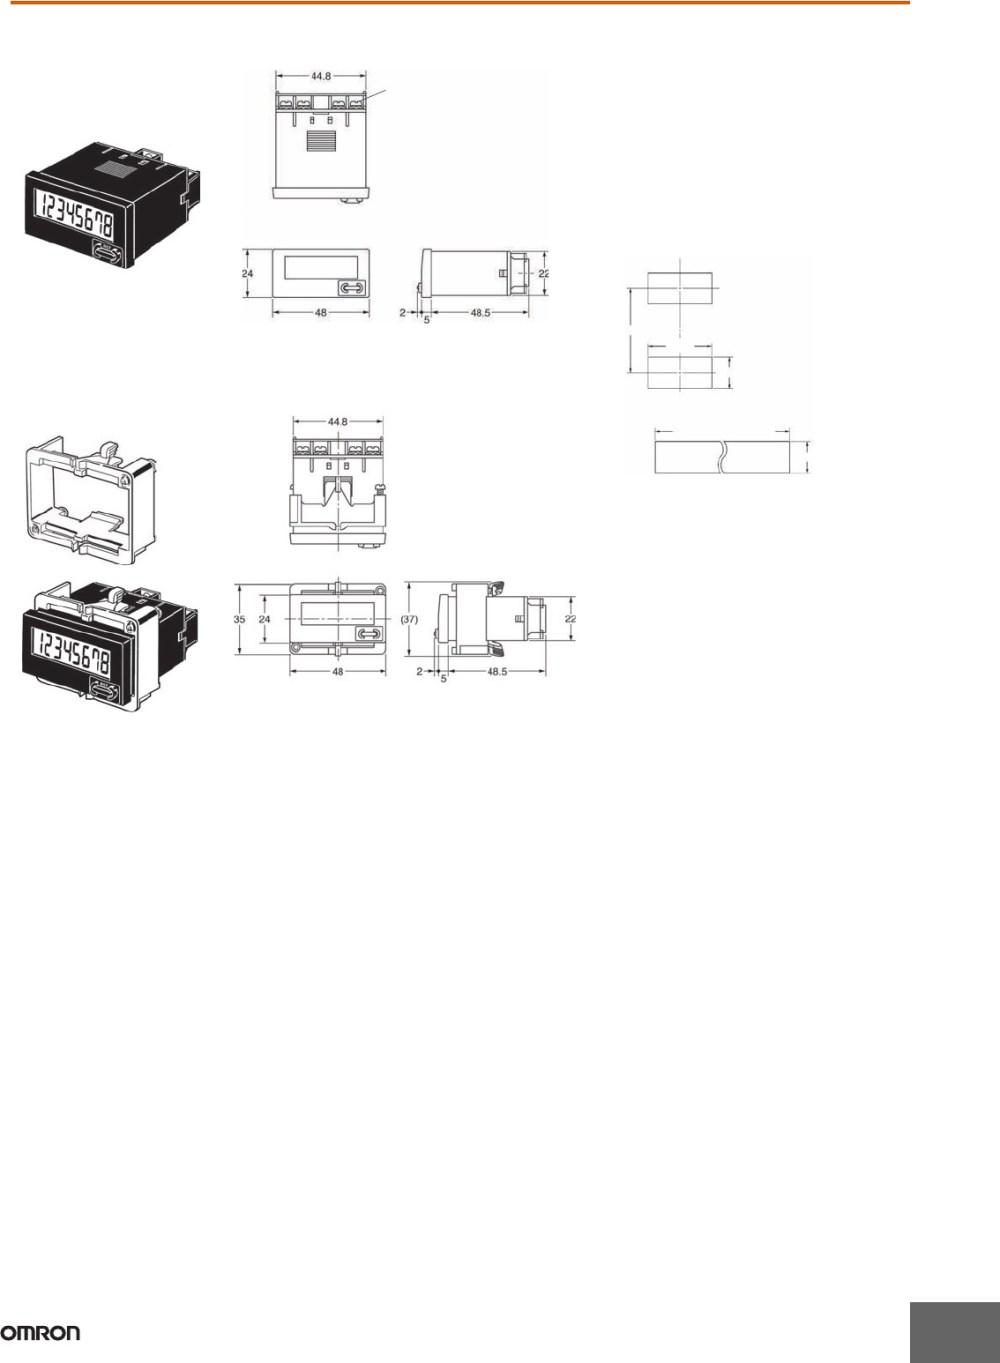 medium resolution of new h7ec